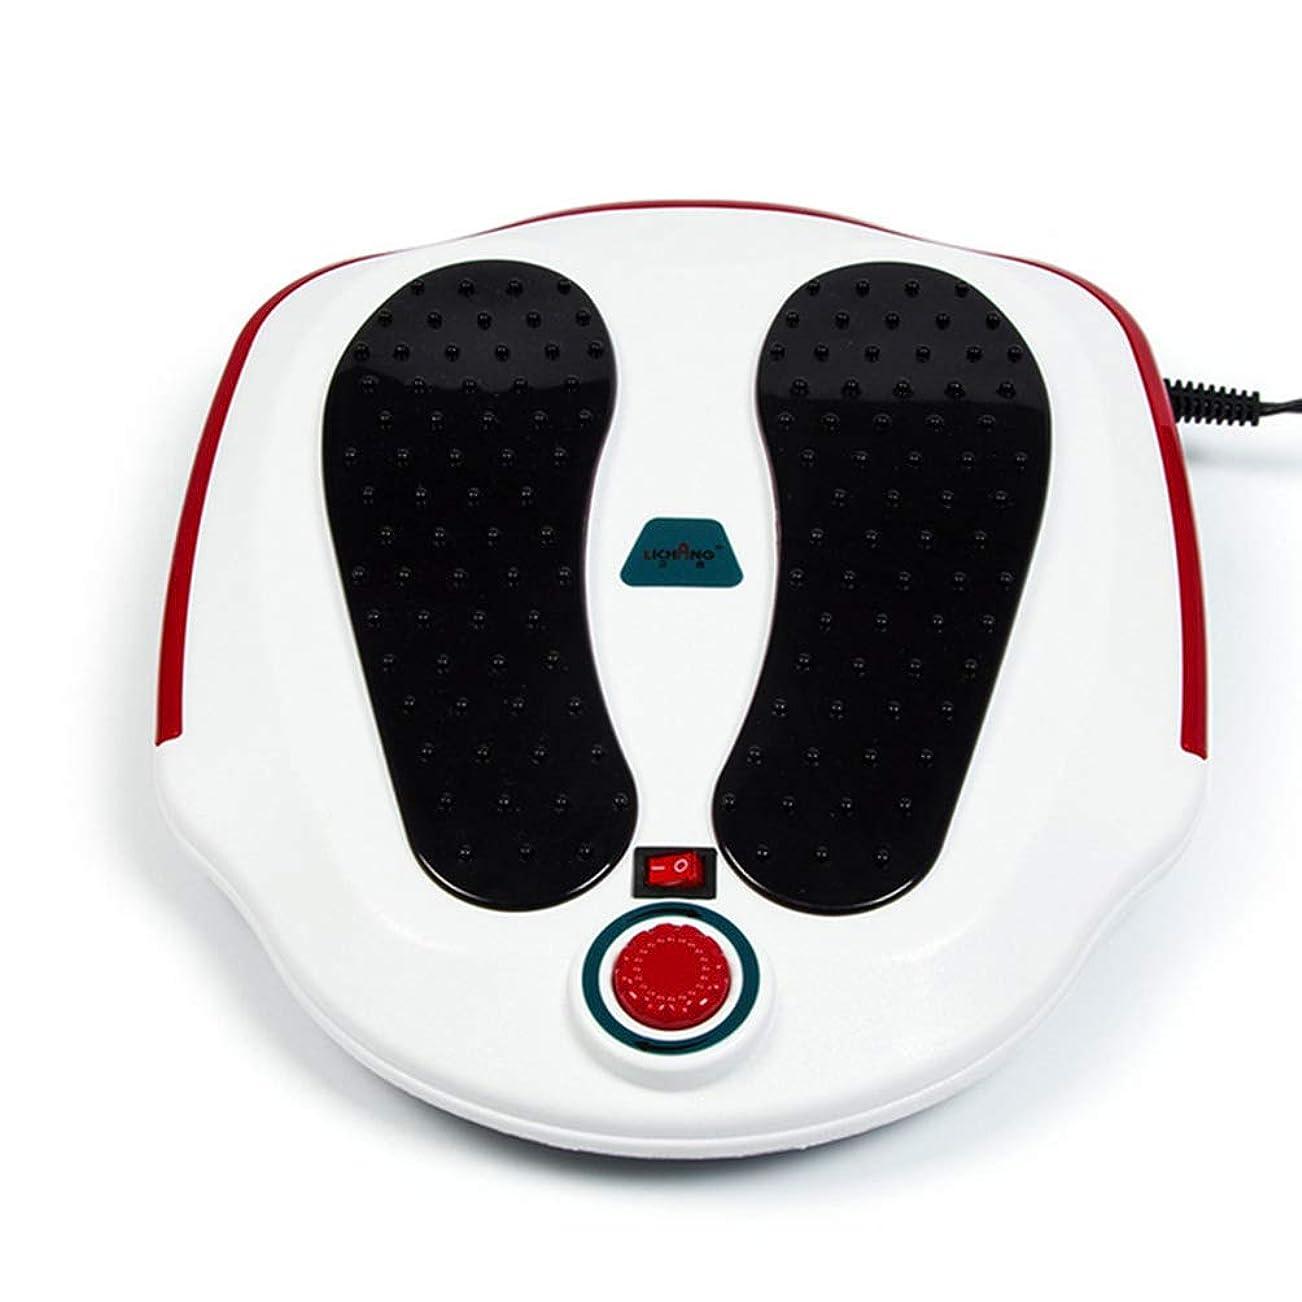 ミスブリーフケース手書きフットマッサージャー、フルフットマッサージエクスペリエンス用ABS素材、循環系の改善、硬い筋肉の柔らかさ、痛みの緩和治療。